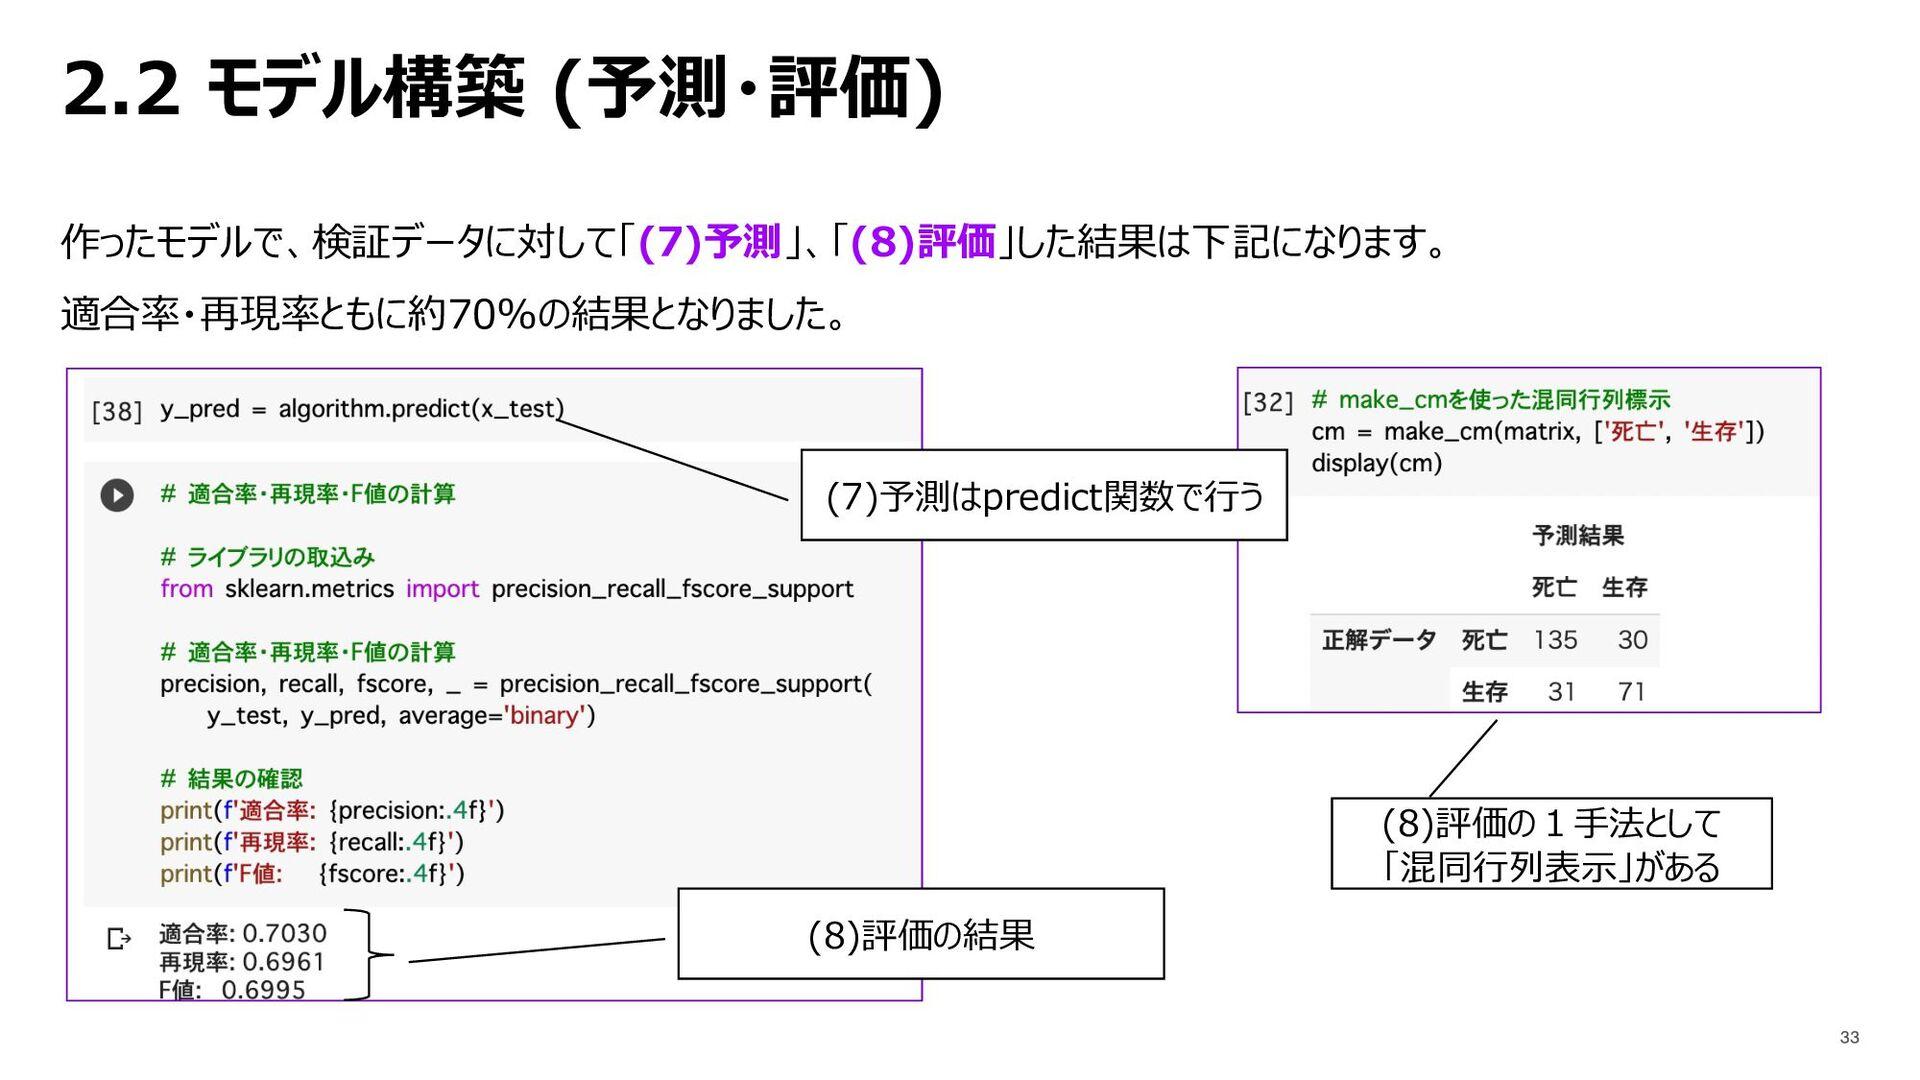 2.2 モデル構築 (予測・評価) 作ったモデルで、検証データに対して「(7)予測」、「(8)...